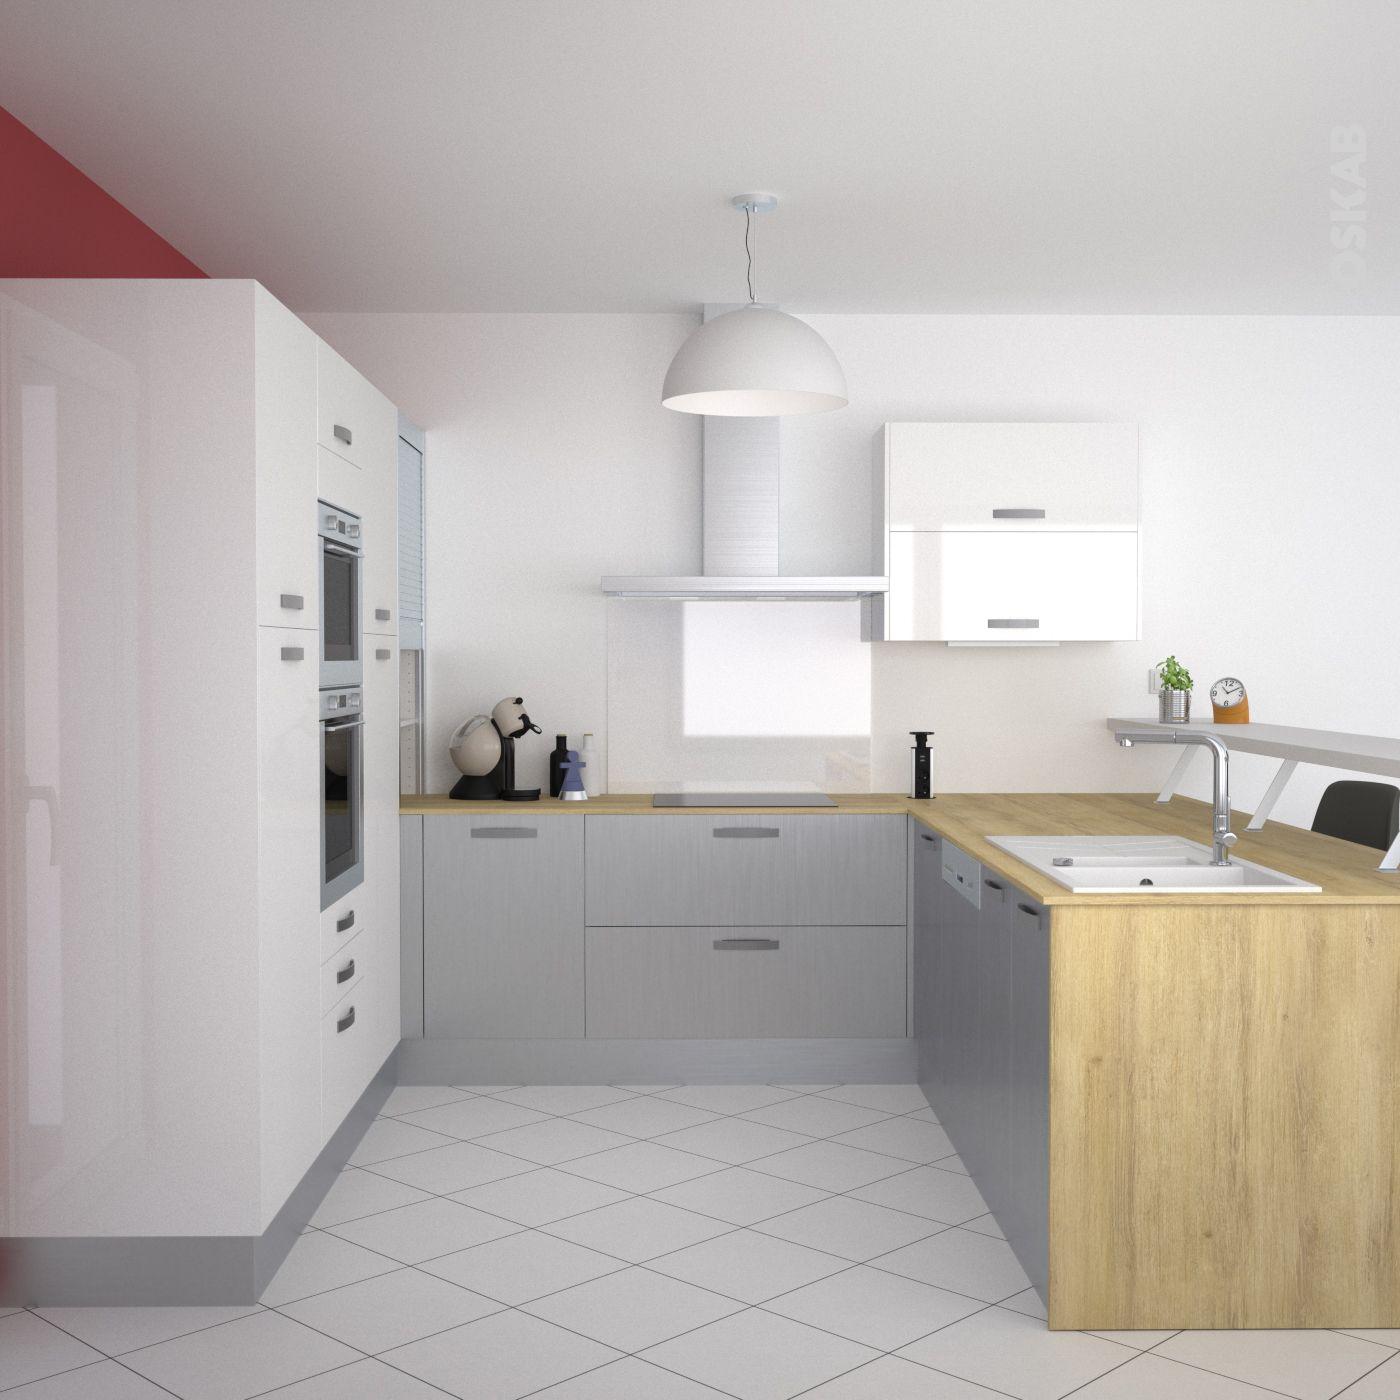 cuisine inox et blanche ultra design implantation en u avec snack bar murs couleur - Cuisine En U Plan